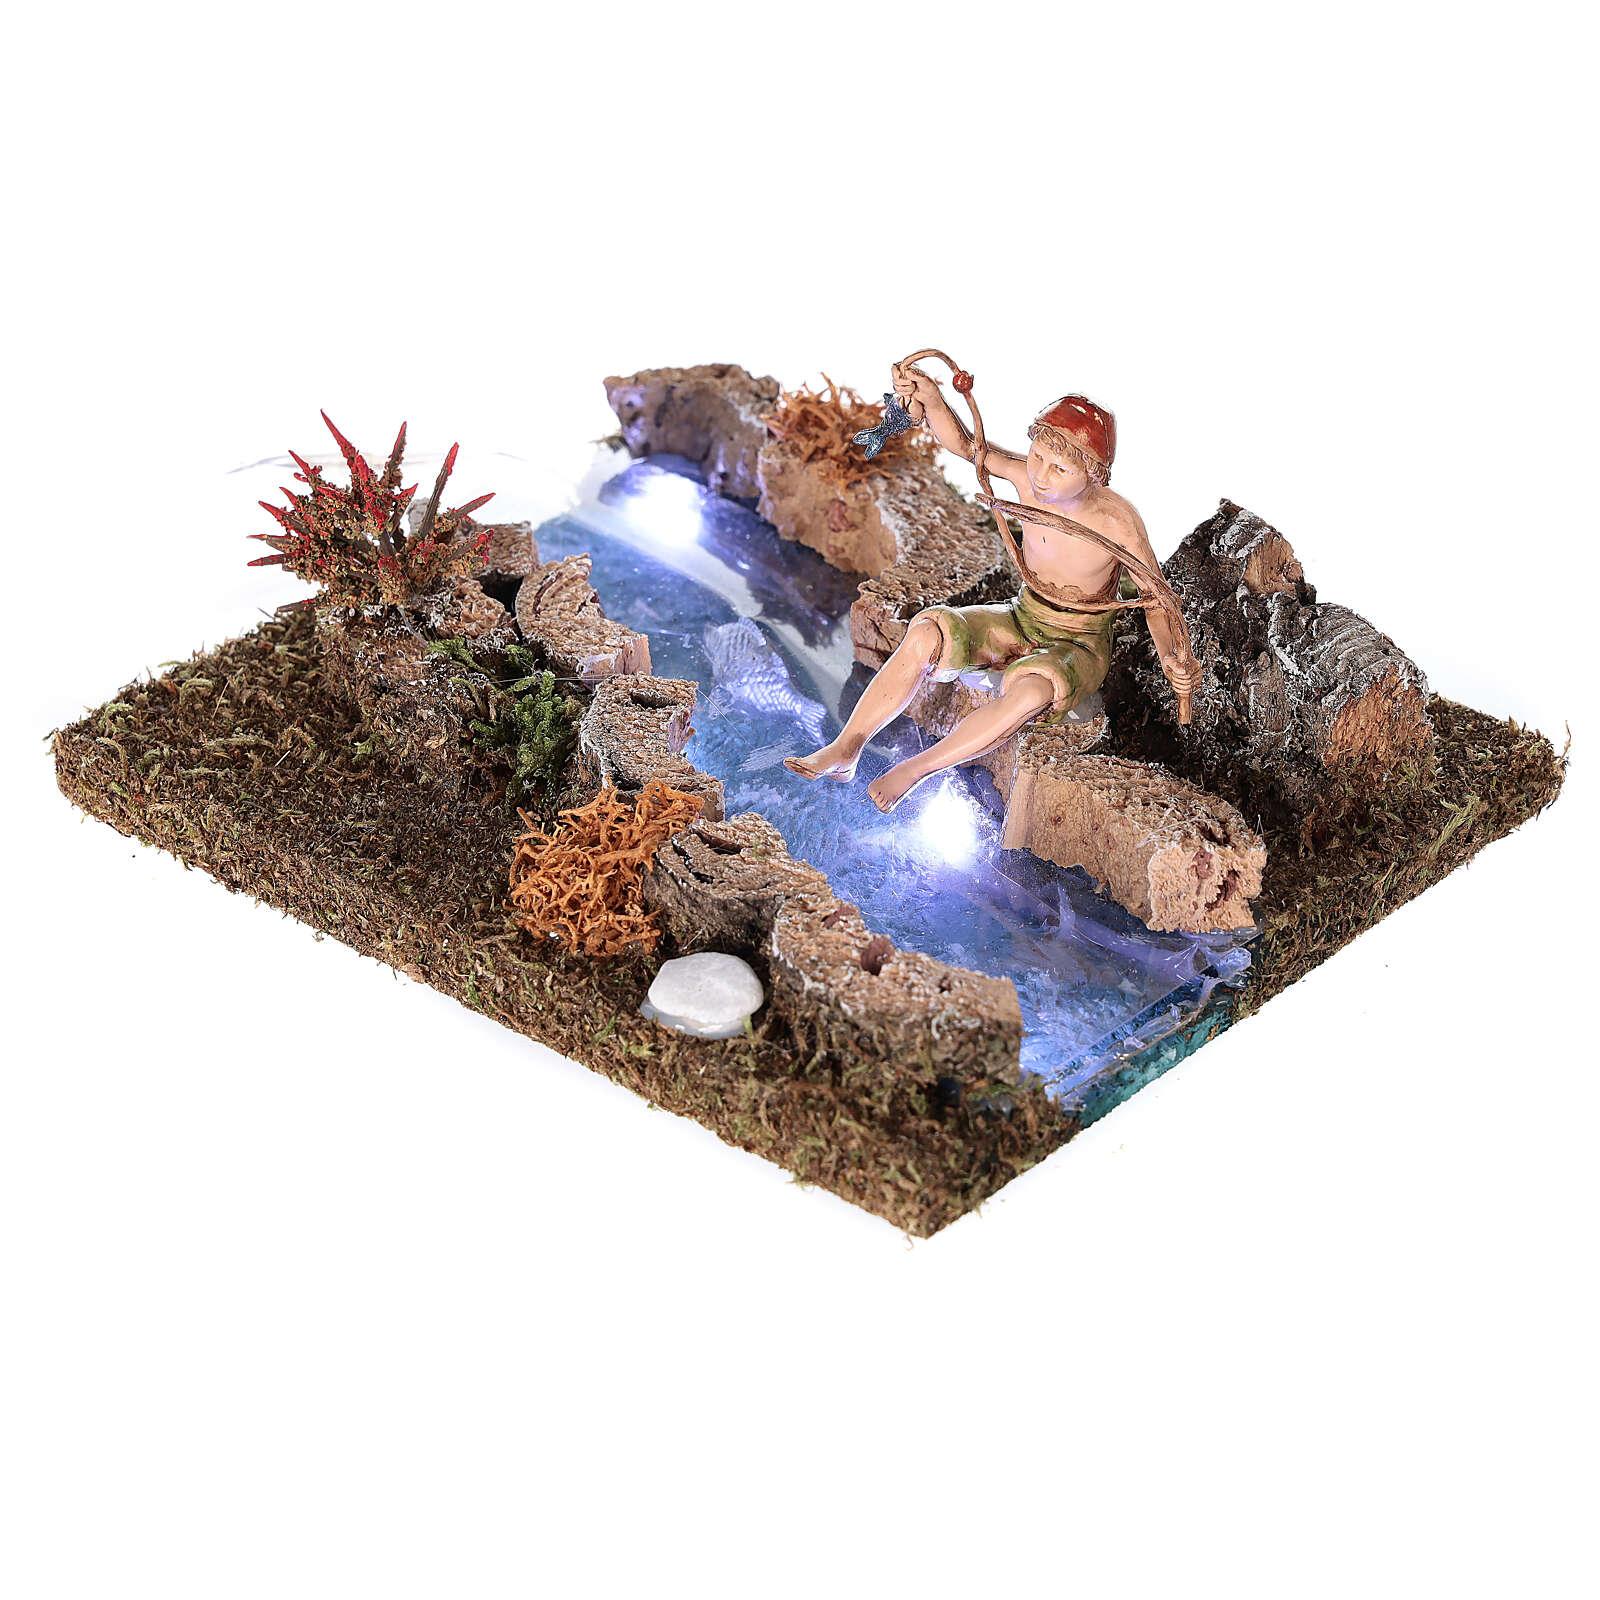 Rio com Led de pilhas e pescador 10x15x15 cm 4